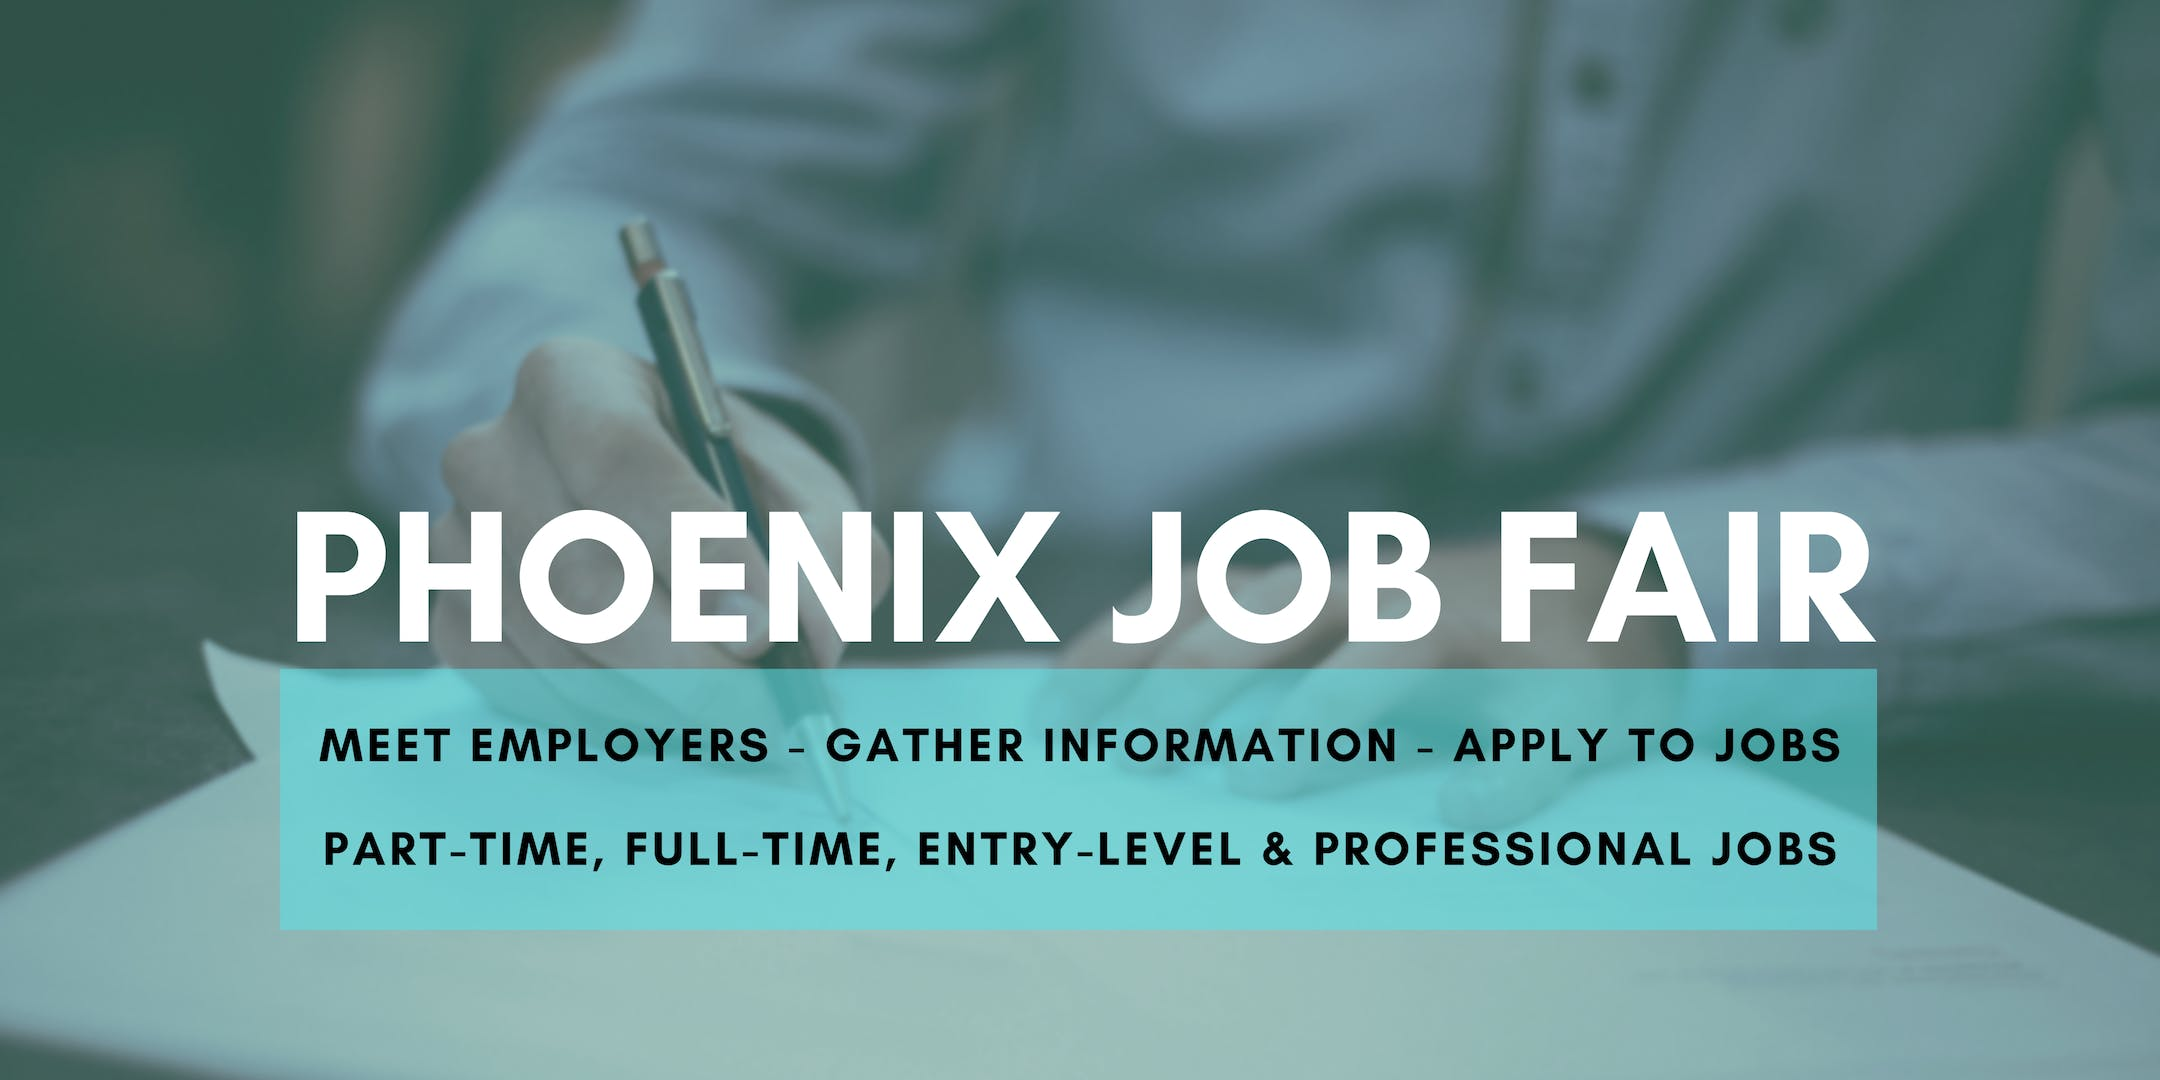 Phoenix Job Fair - January 21, 2019 Job Fairs